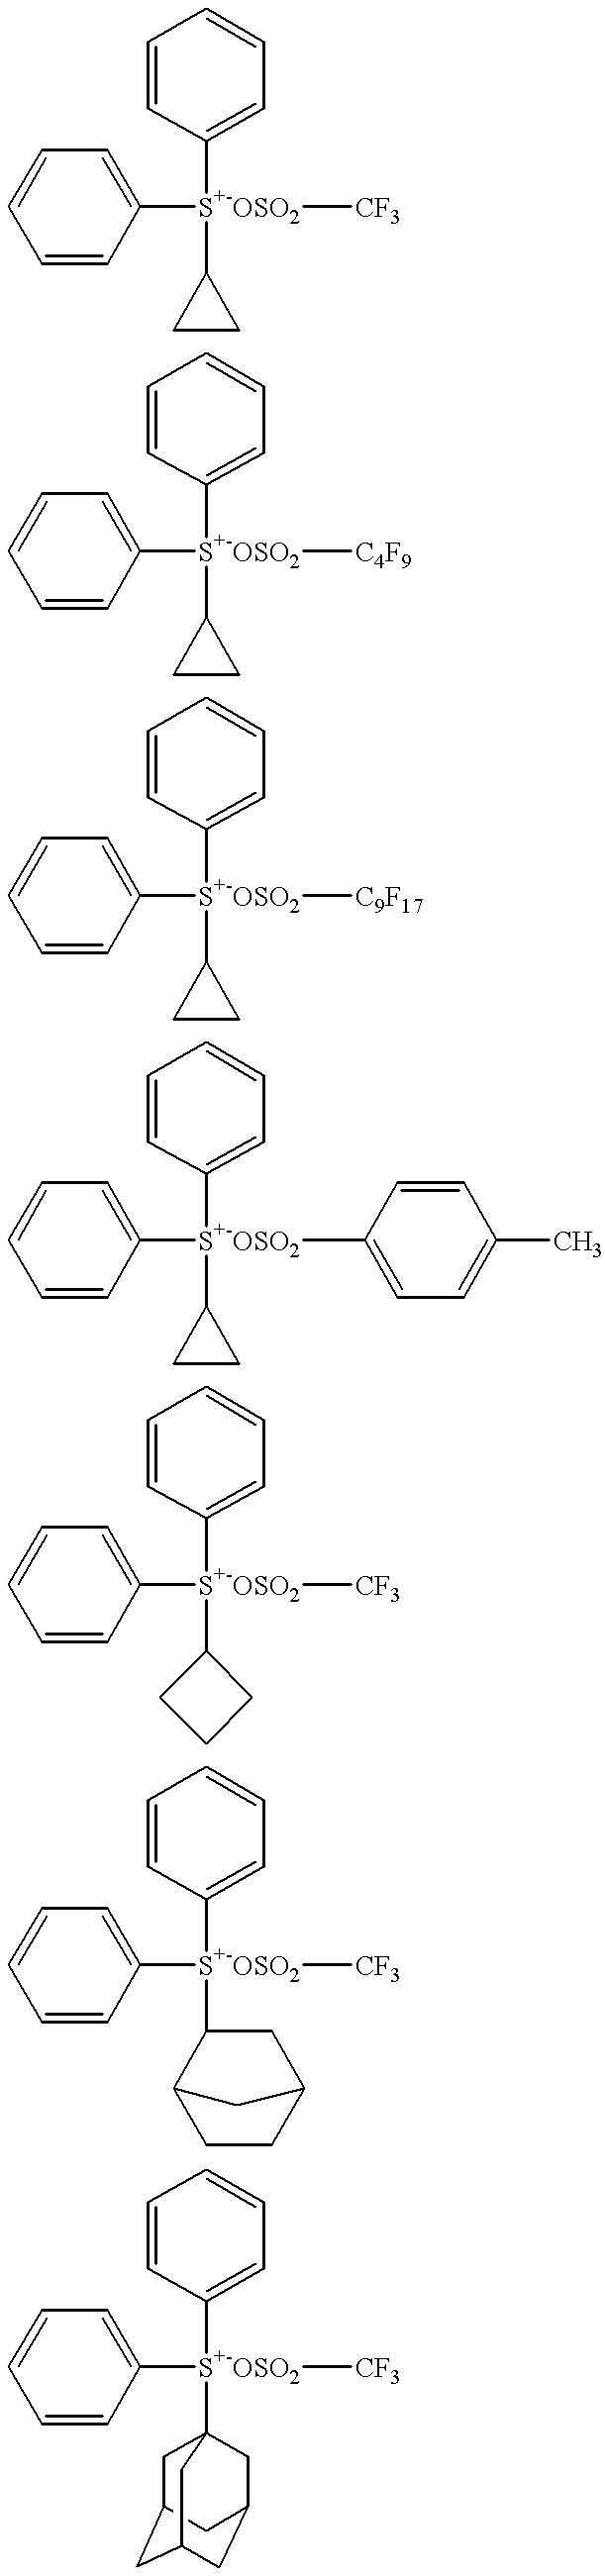 Figure US20010033990A1-20011025-C00005